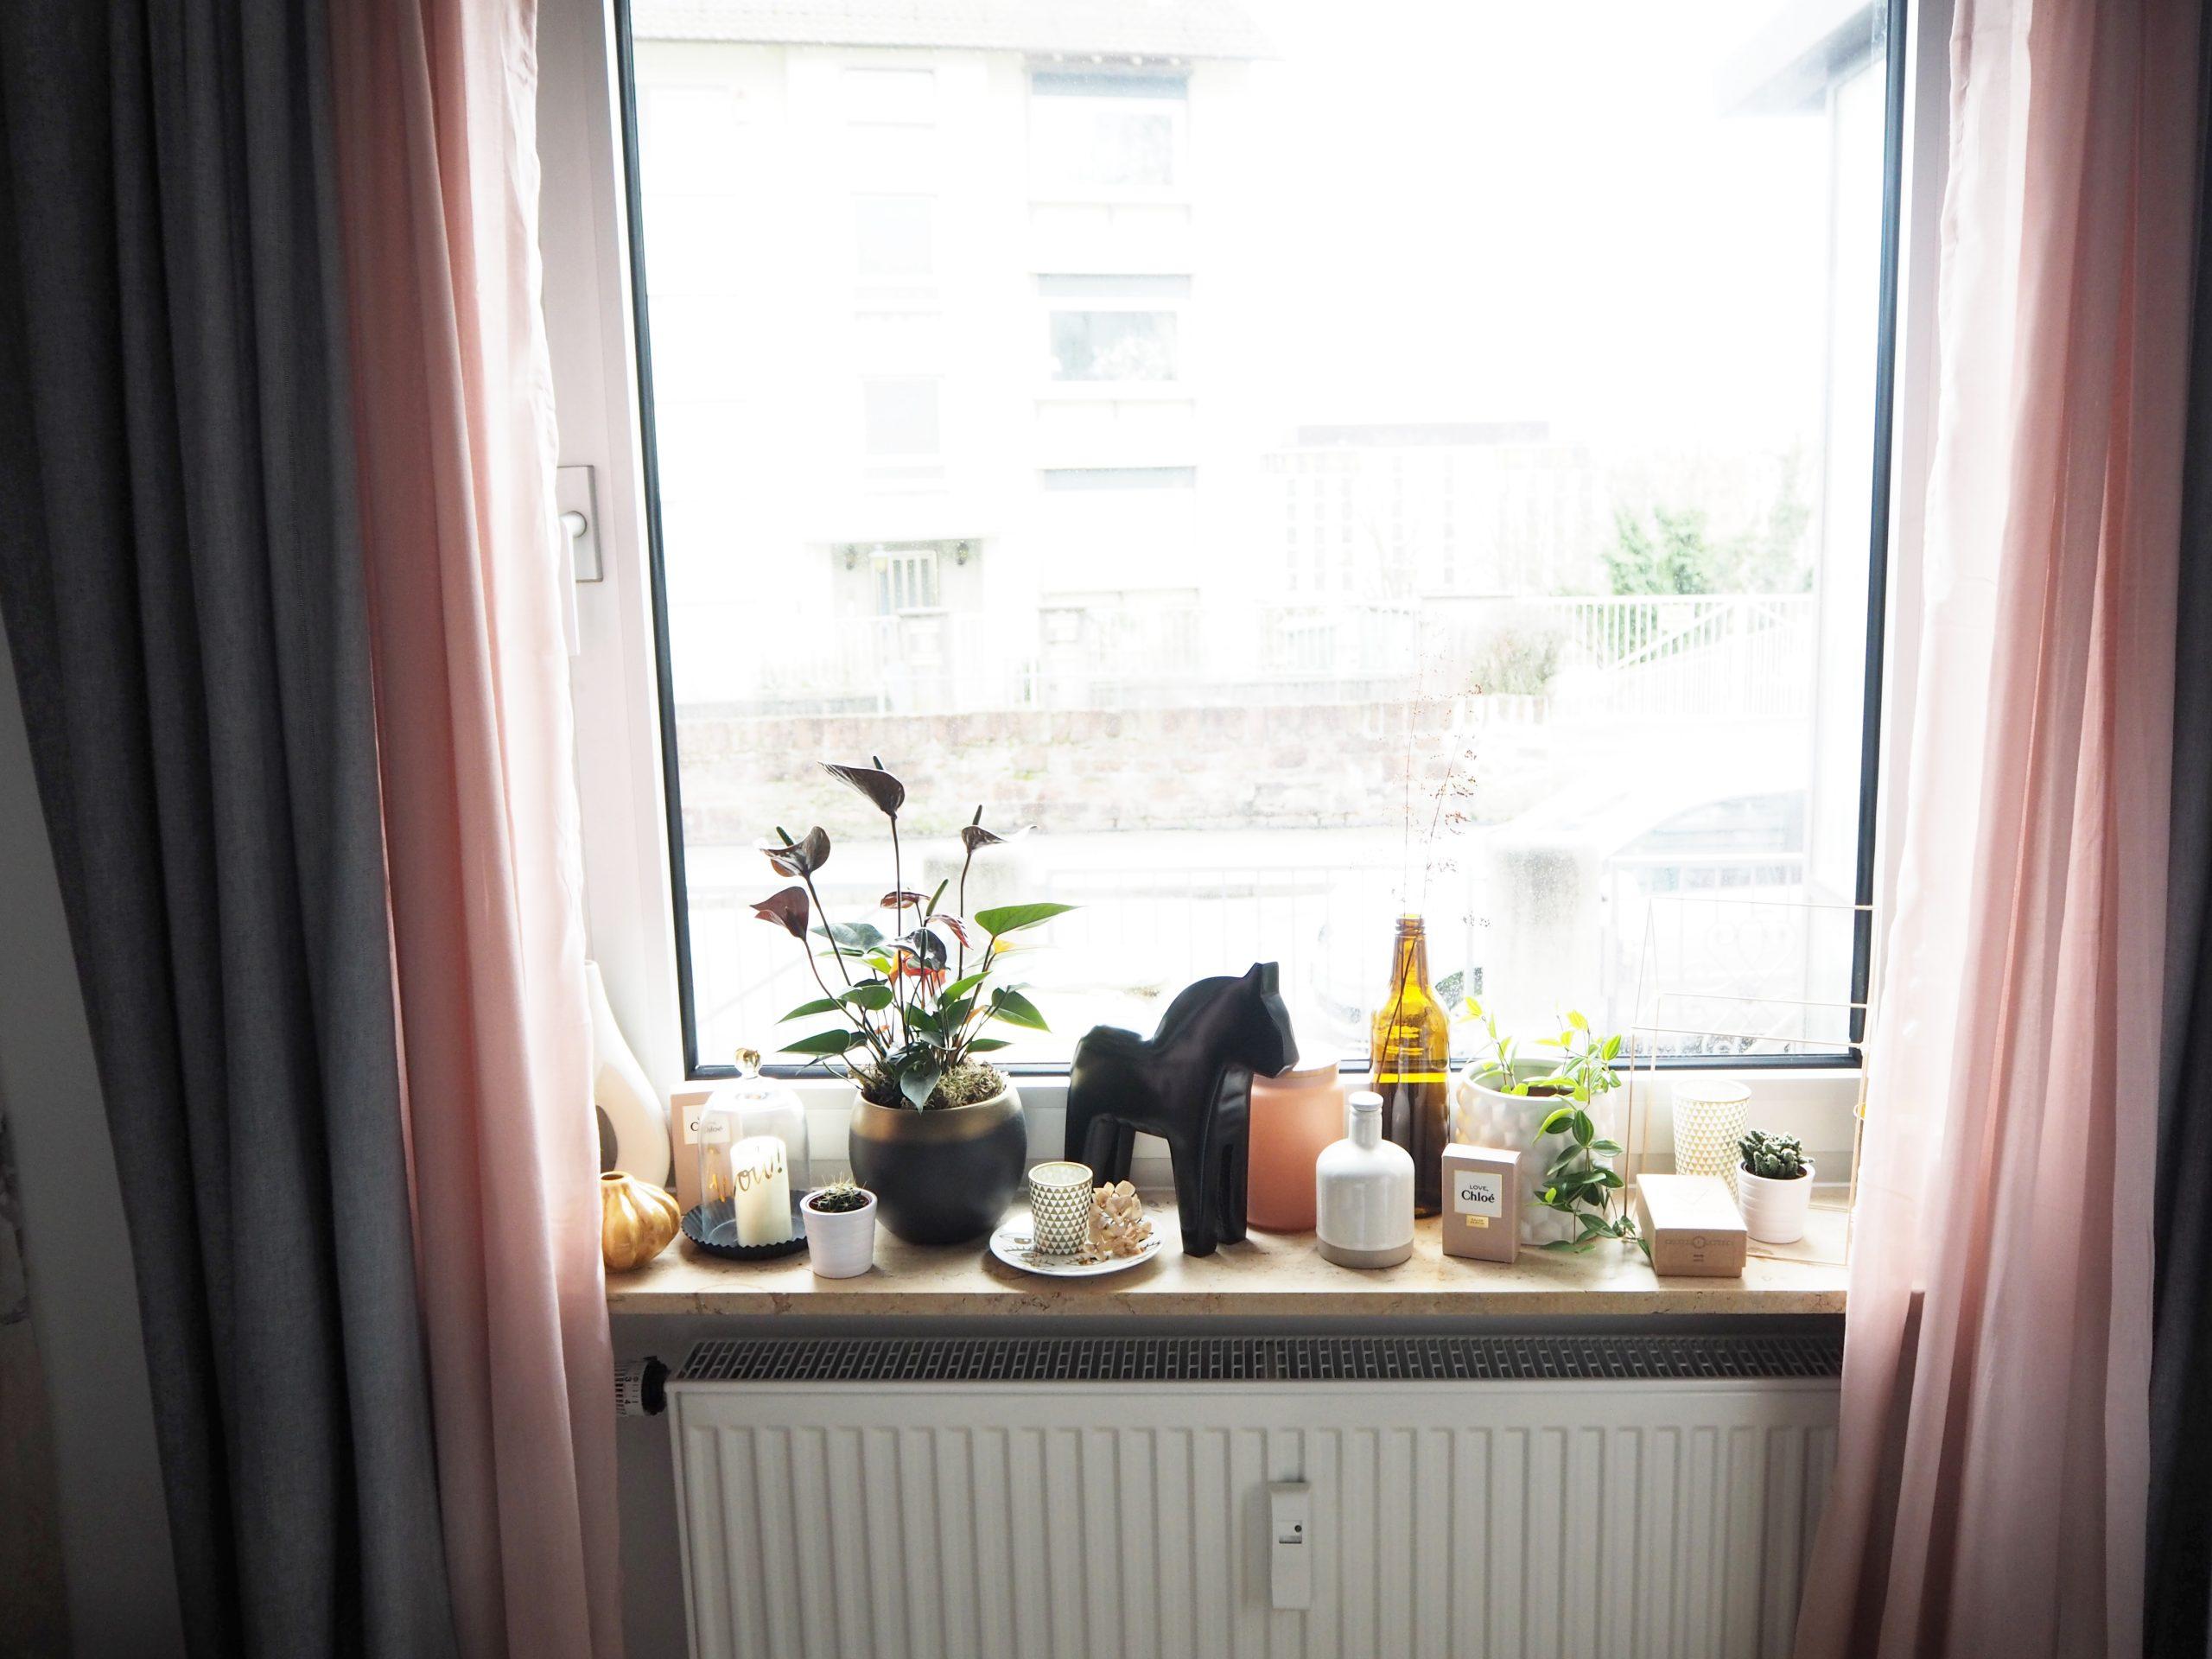 Full Size of Interior Schlafzimmer Deko Fr Fensterbank Skn Och Kreativ Wohnzimmer Fensterbank Dekorieren